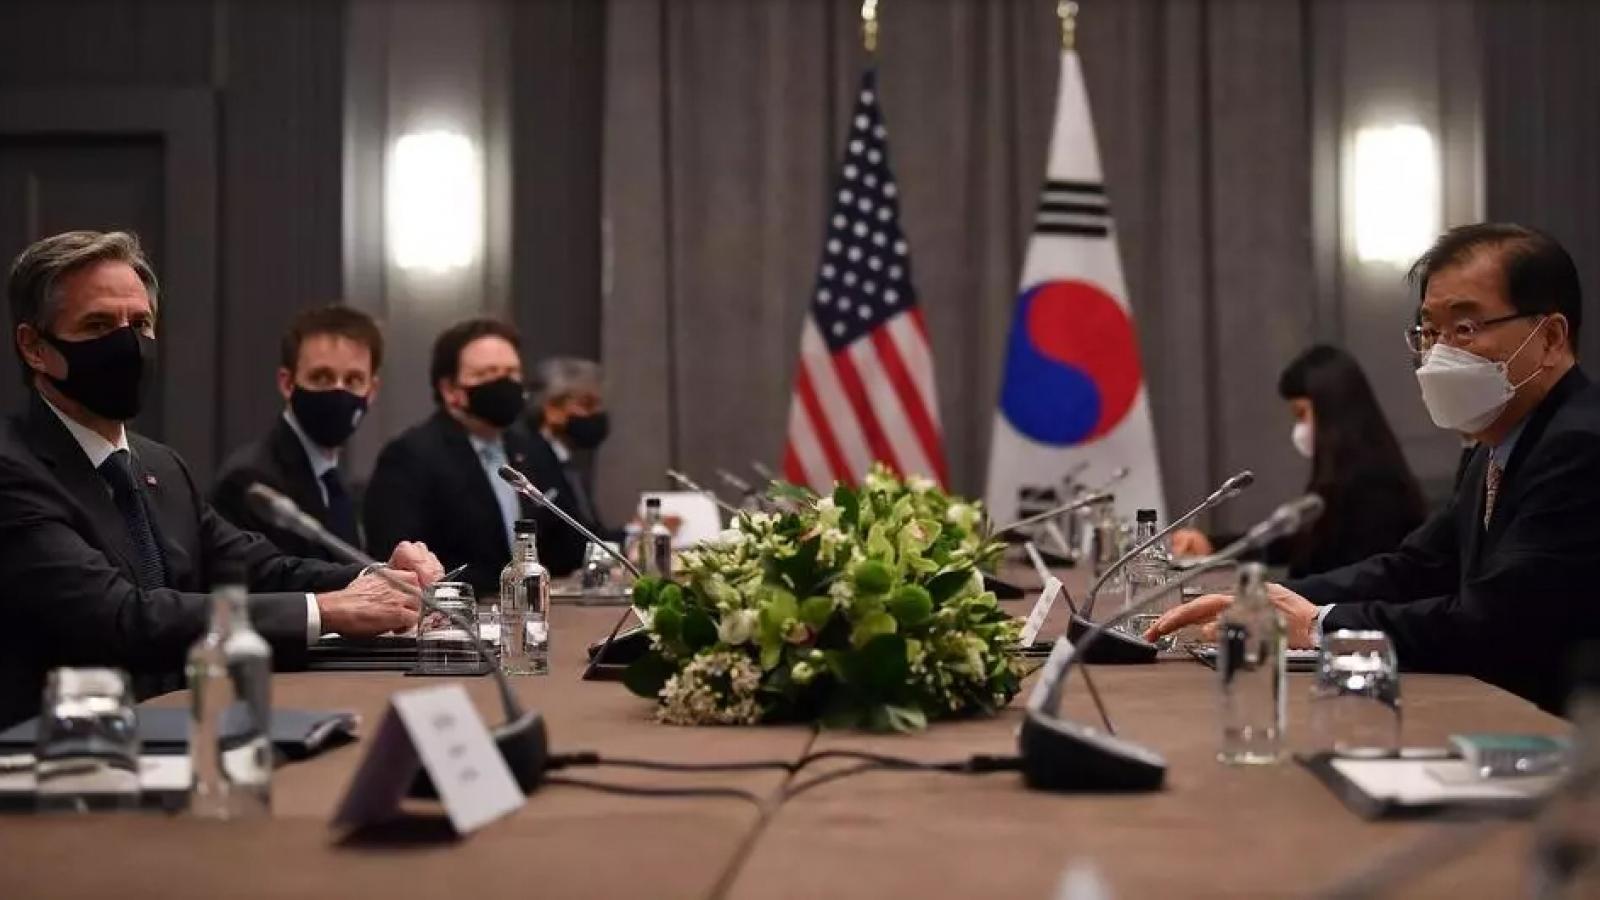 Mỹ, Hàn Quốc tái khẳng định quan hệ đồng minh